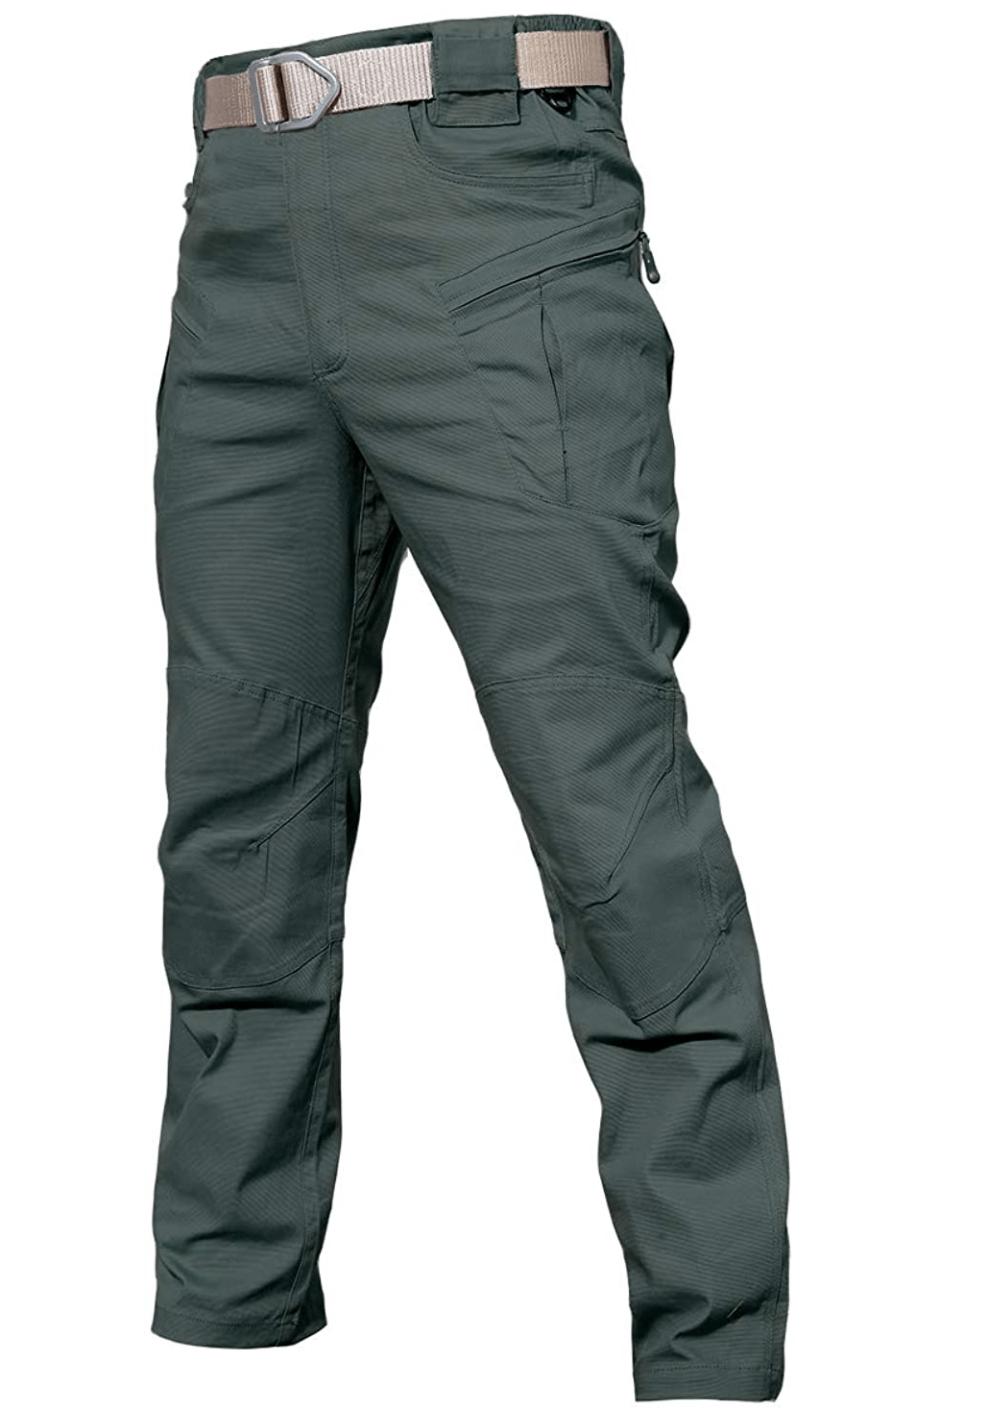 CARWORNIC Gear Tactical Pants